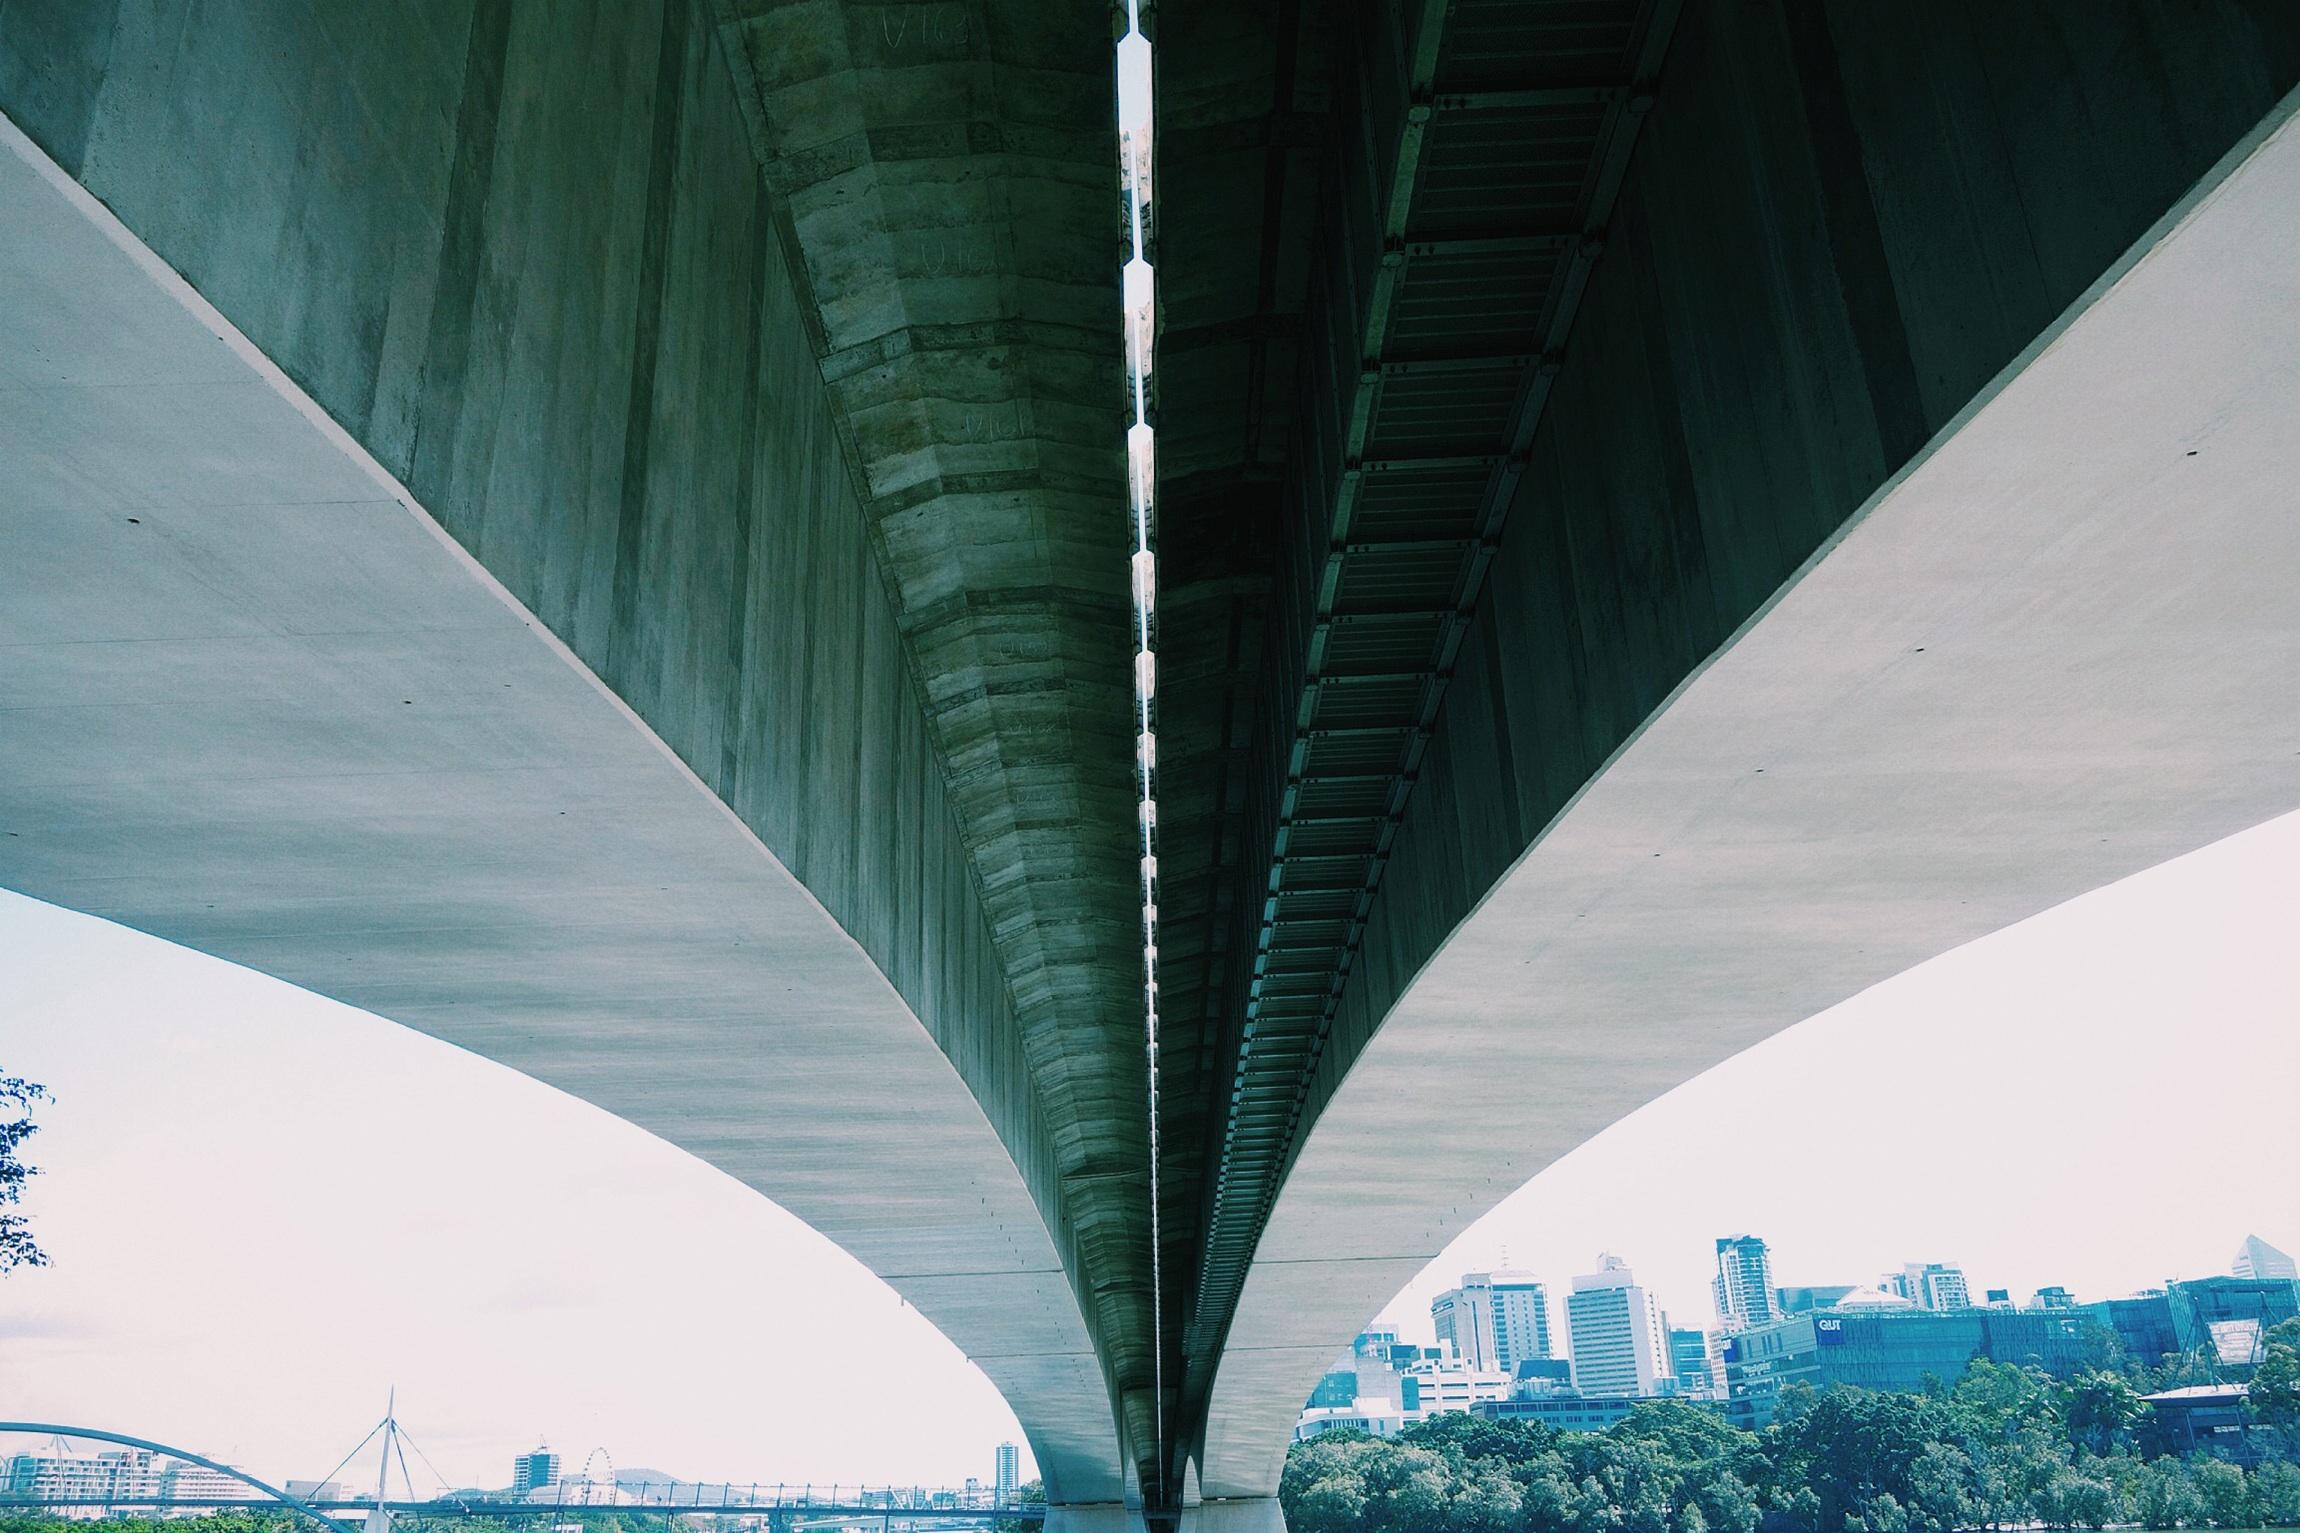 Concrete, Bridge, City, Construction, Path, HQ Photo